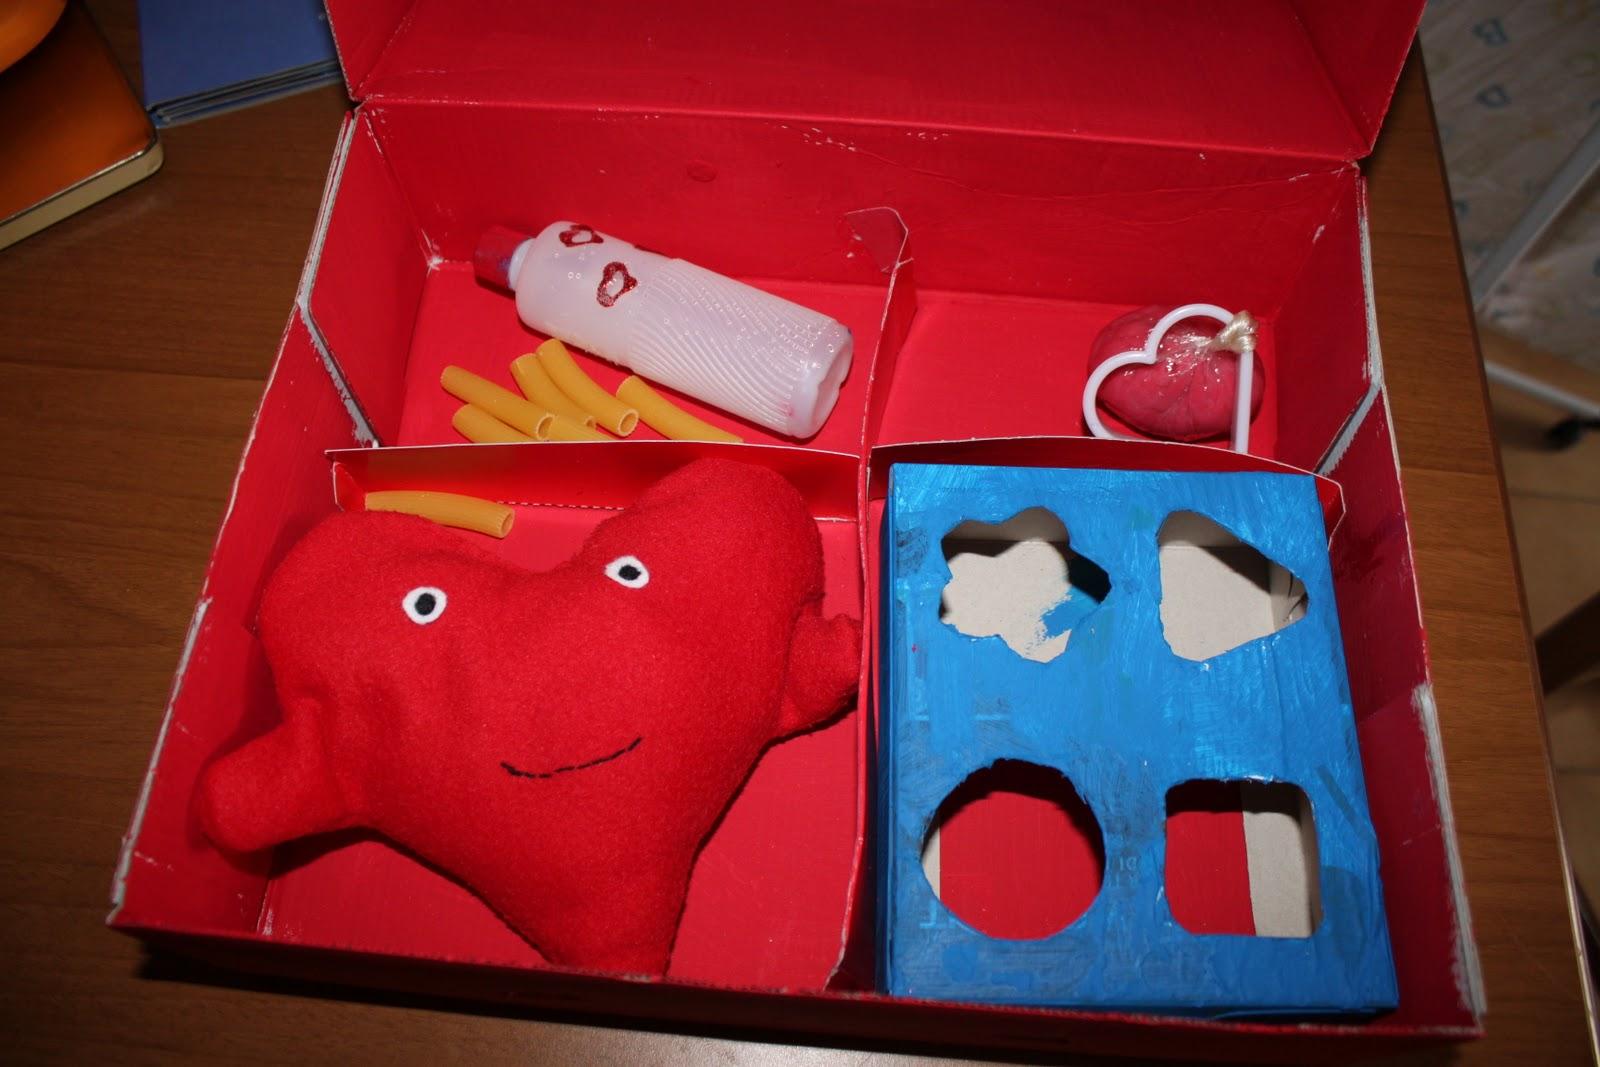 Sorprese per lui fai da te jm94 regardsdefemmes - San valentino idee romantiche ...